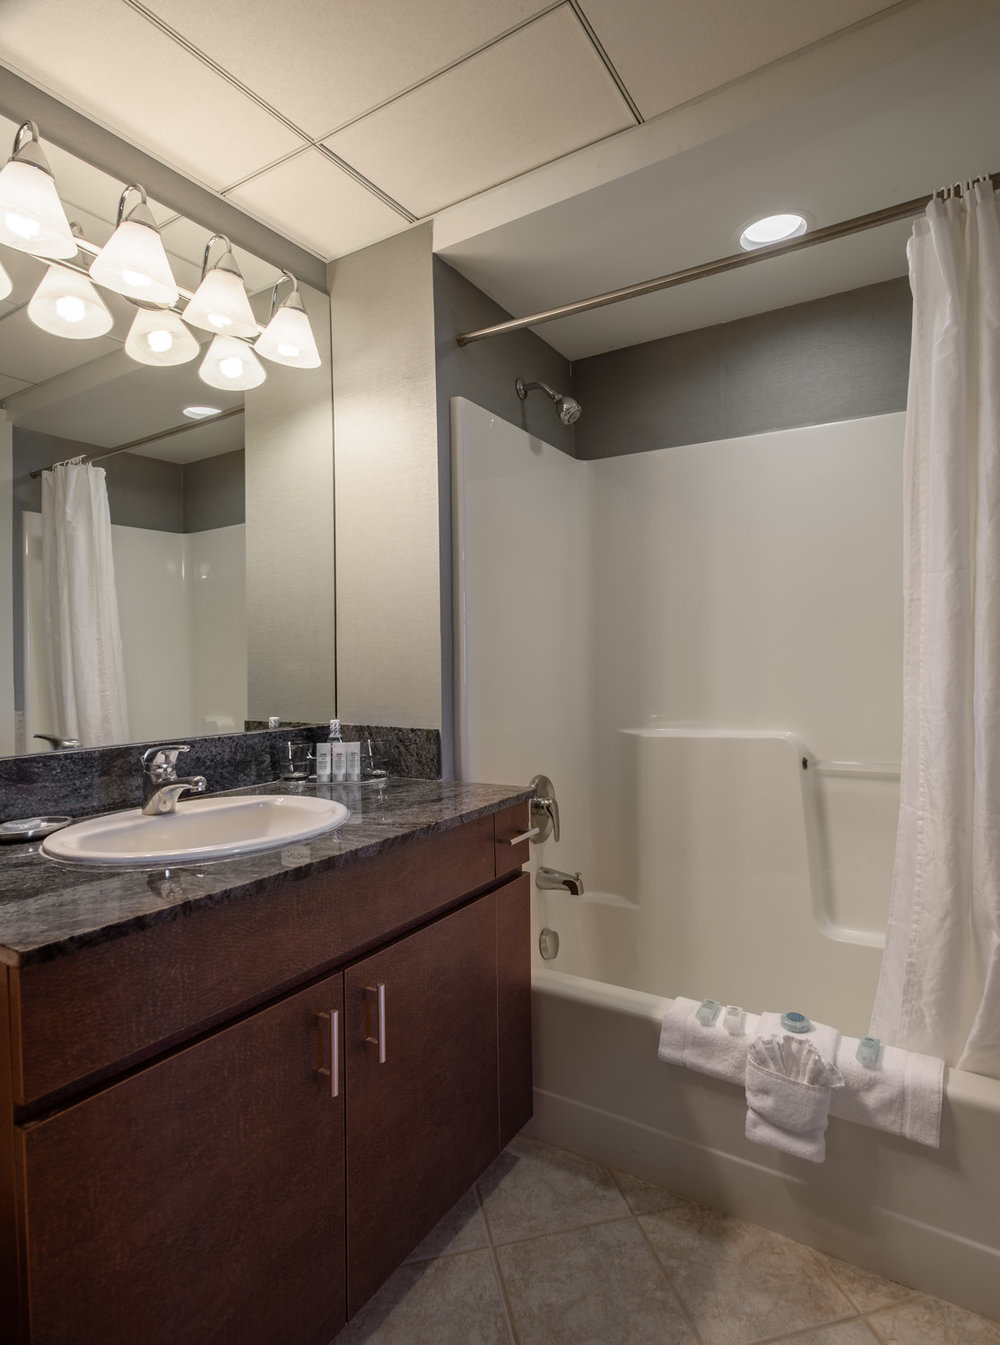 Hotel Apartment Bathroom